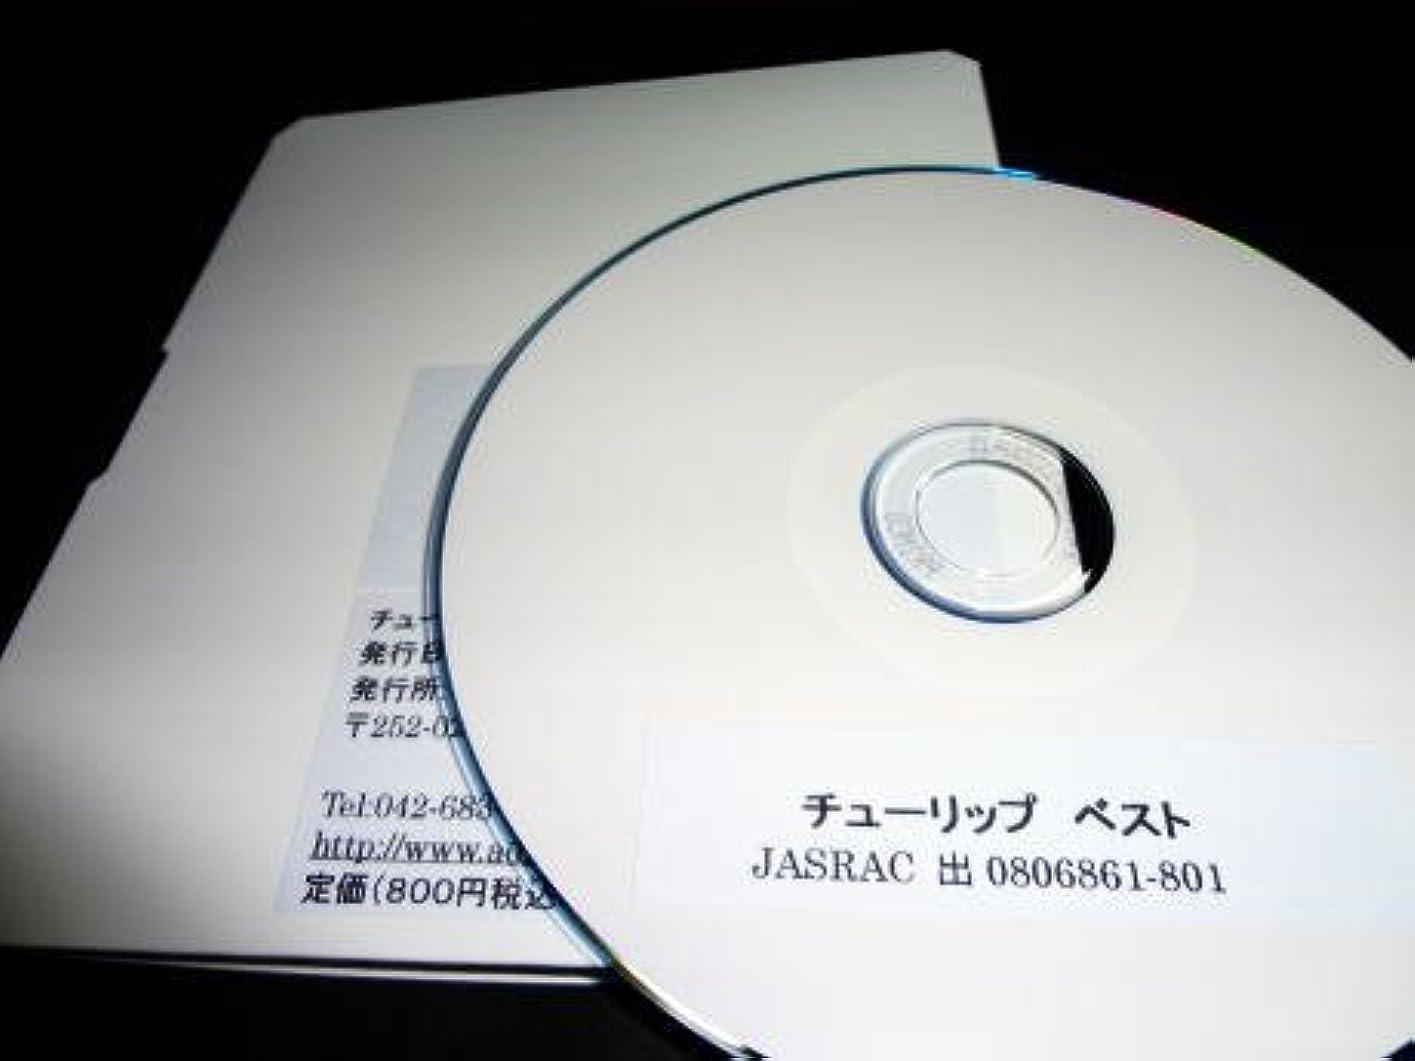 コンプリートシャーカカドゥギターコード譜シリーズ(CD-R版)/チューリップ ベスト (全54曲)